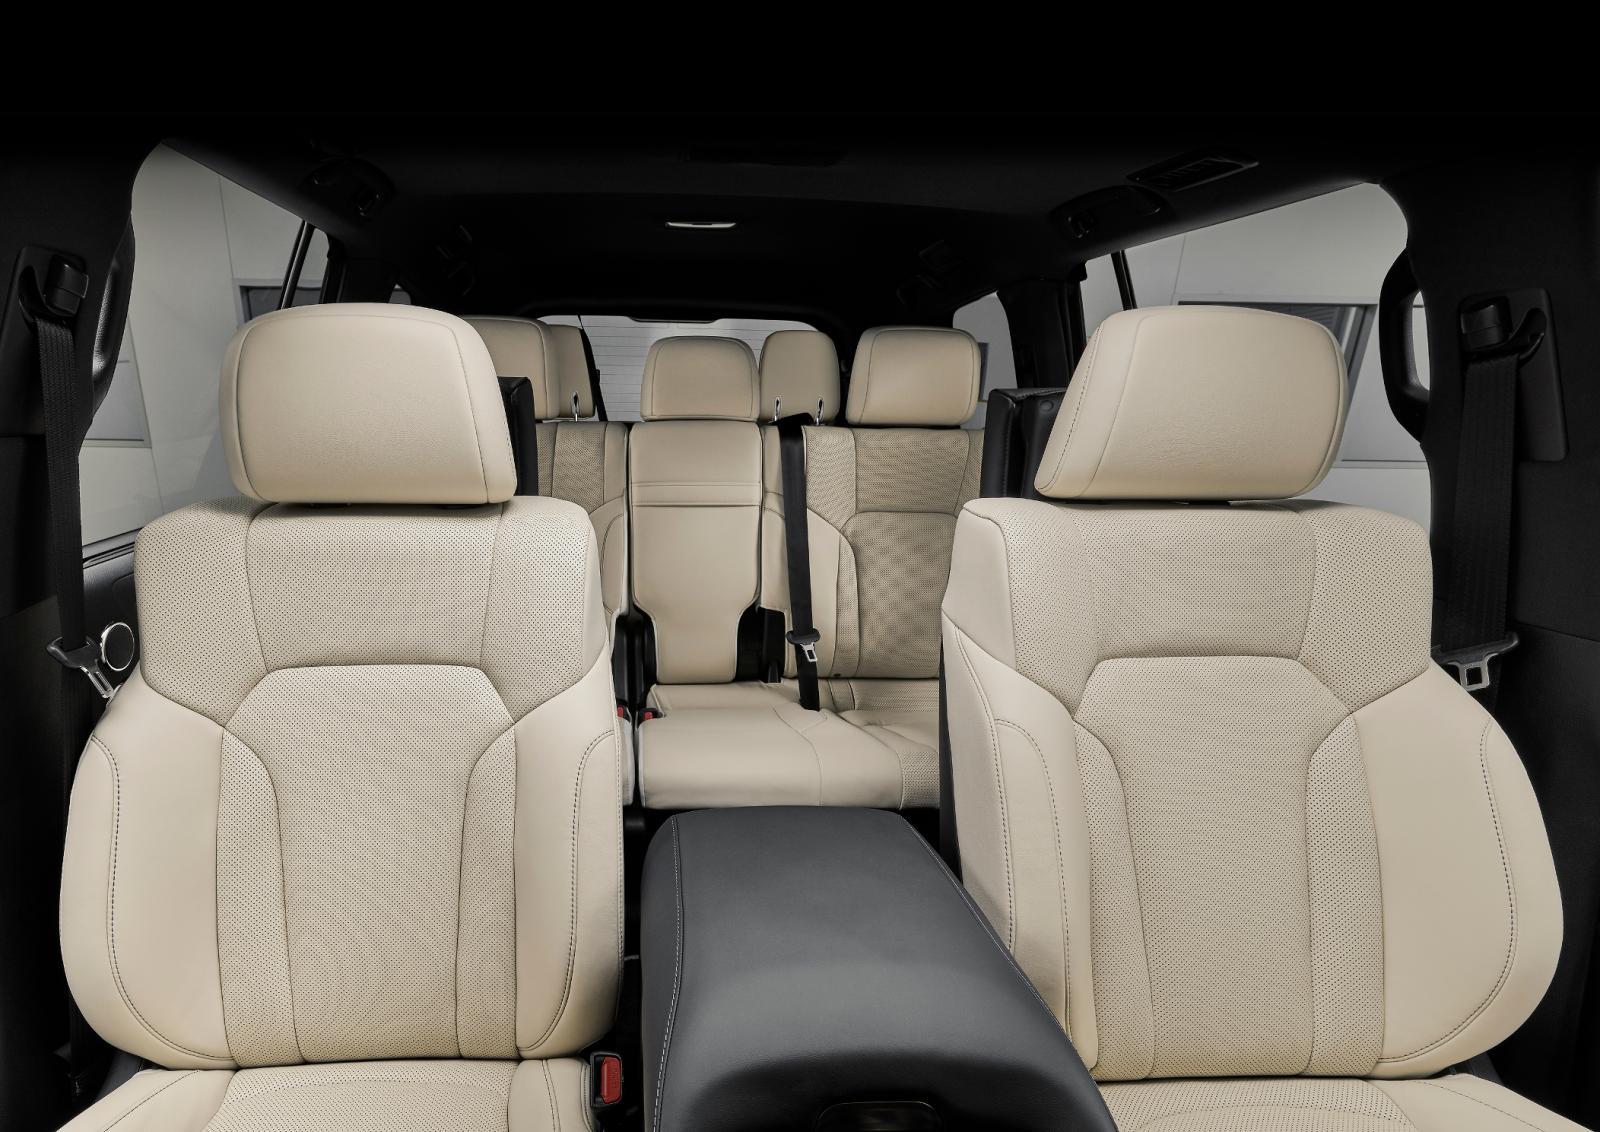 El interior hace un fuerte contraste con el exterior gracias a la tapicería en colores claros, dándole un estilo muy sofisticado